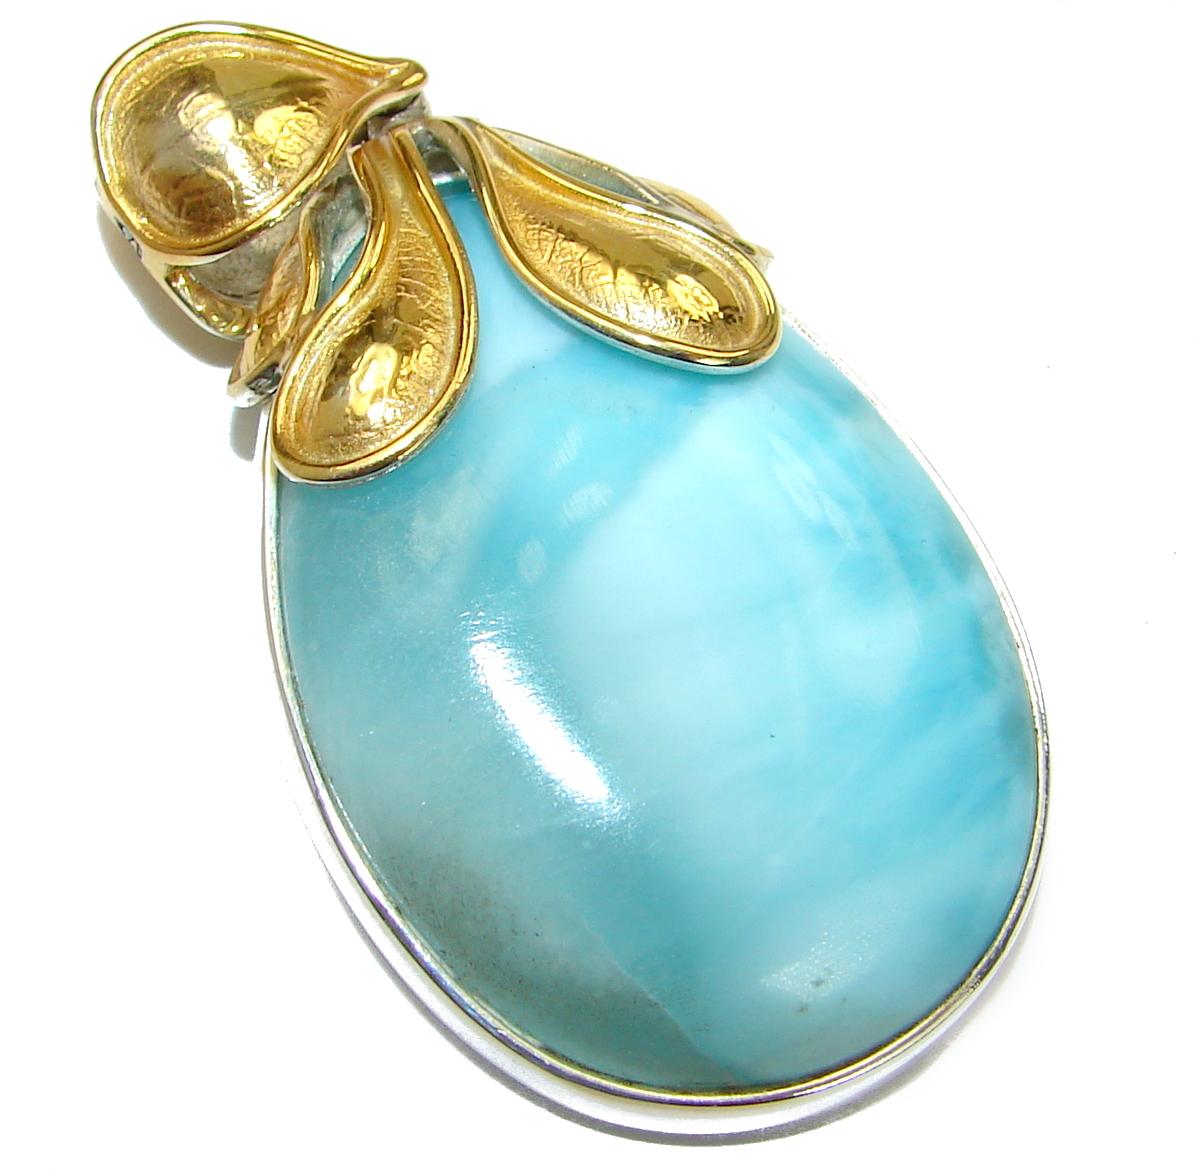 Vintage Design genuine Larimar 14K Gold over .925 Sterling Silver handmade pendant